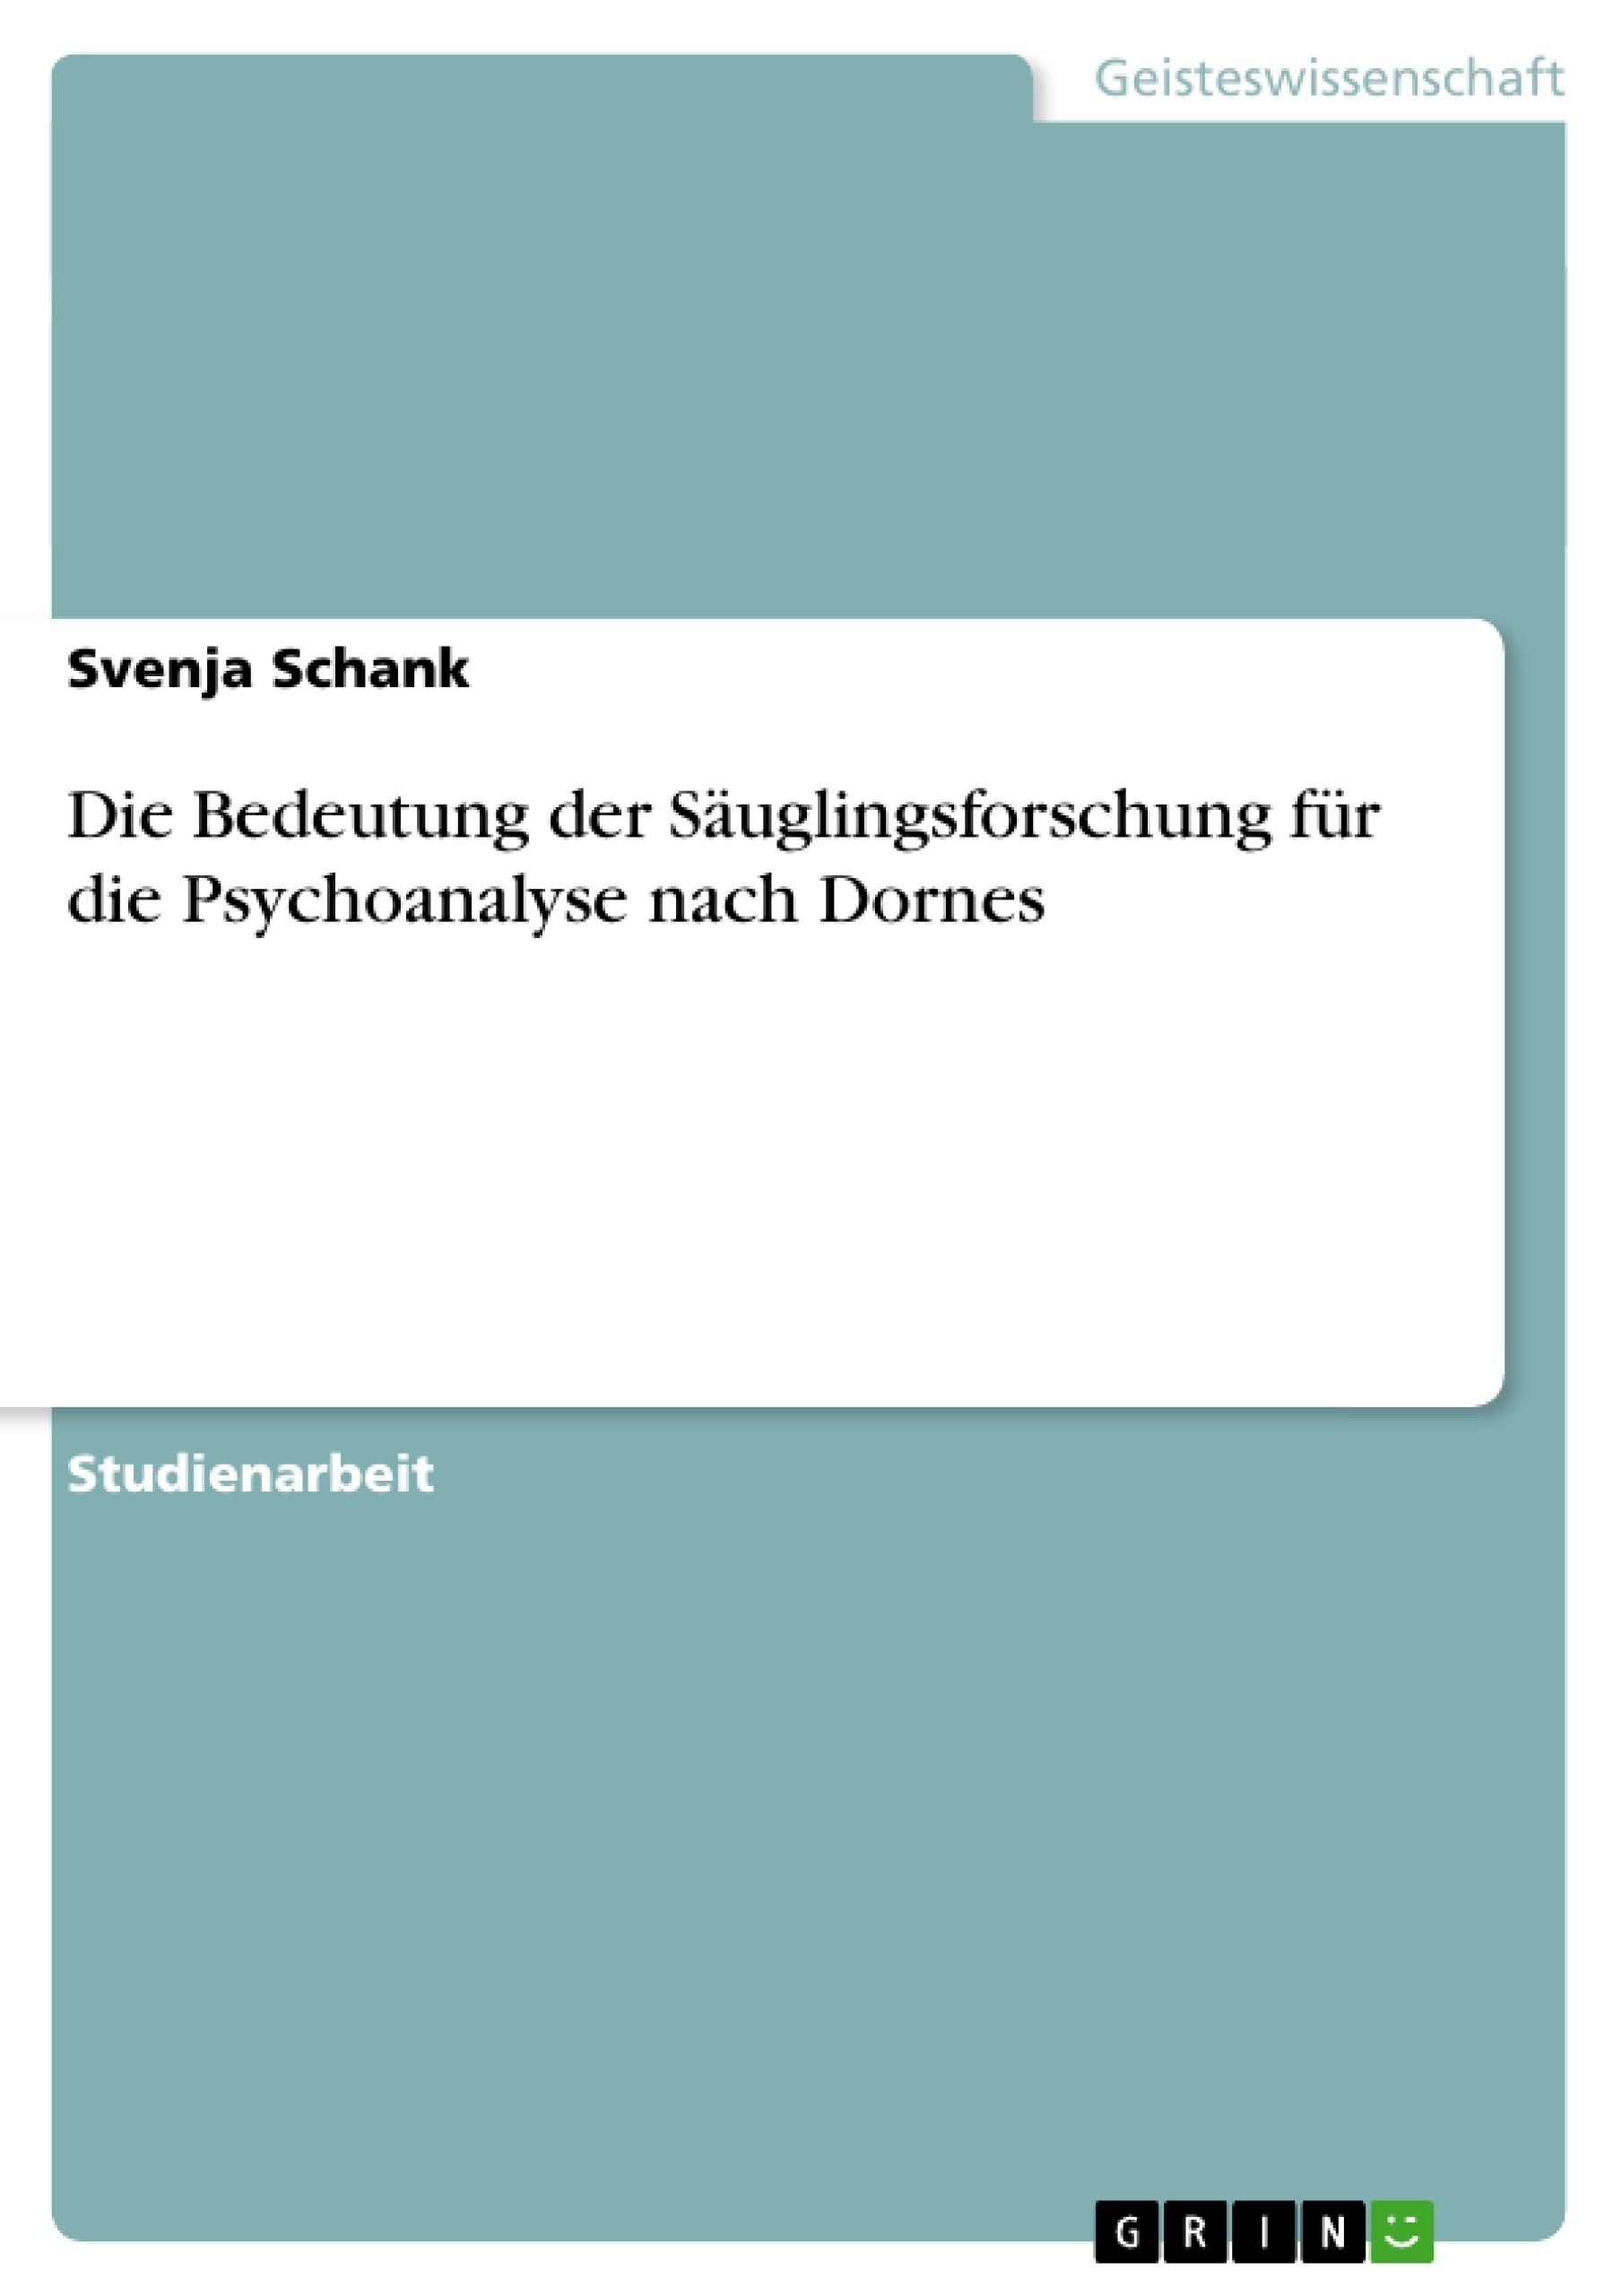 Titel: Die Bedeutung der Säuglingsforschung für die Psychoanalyse nach Dornes